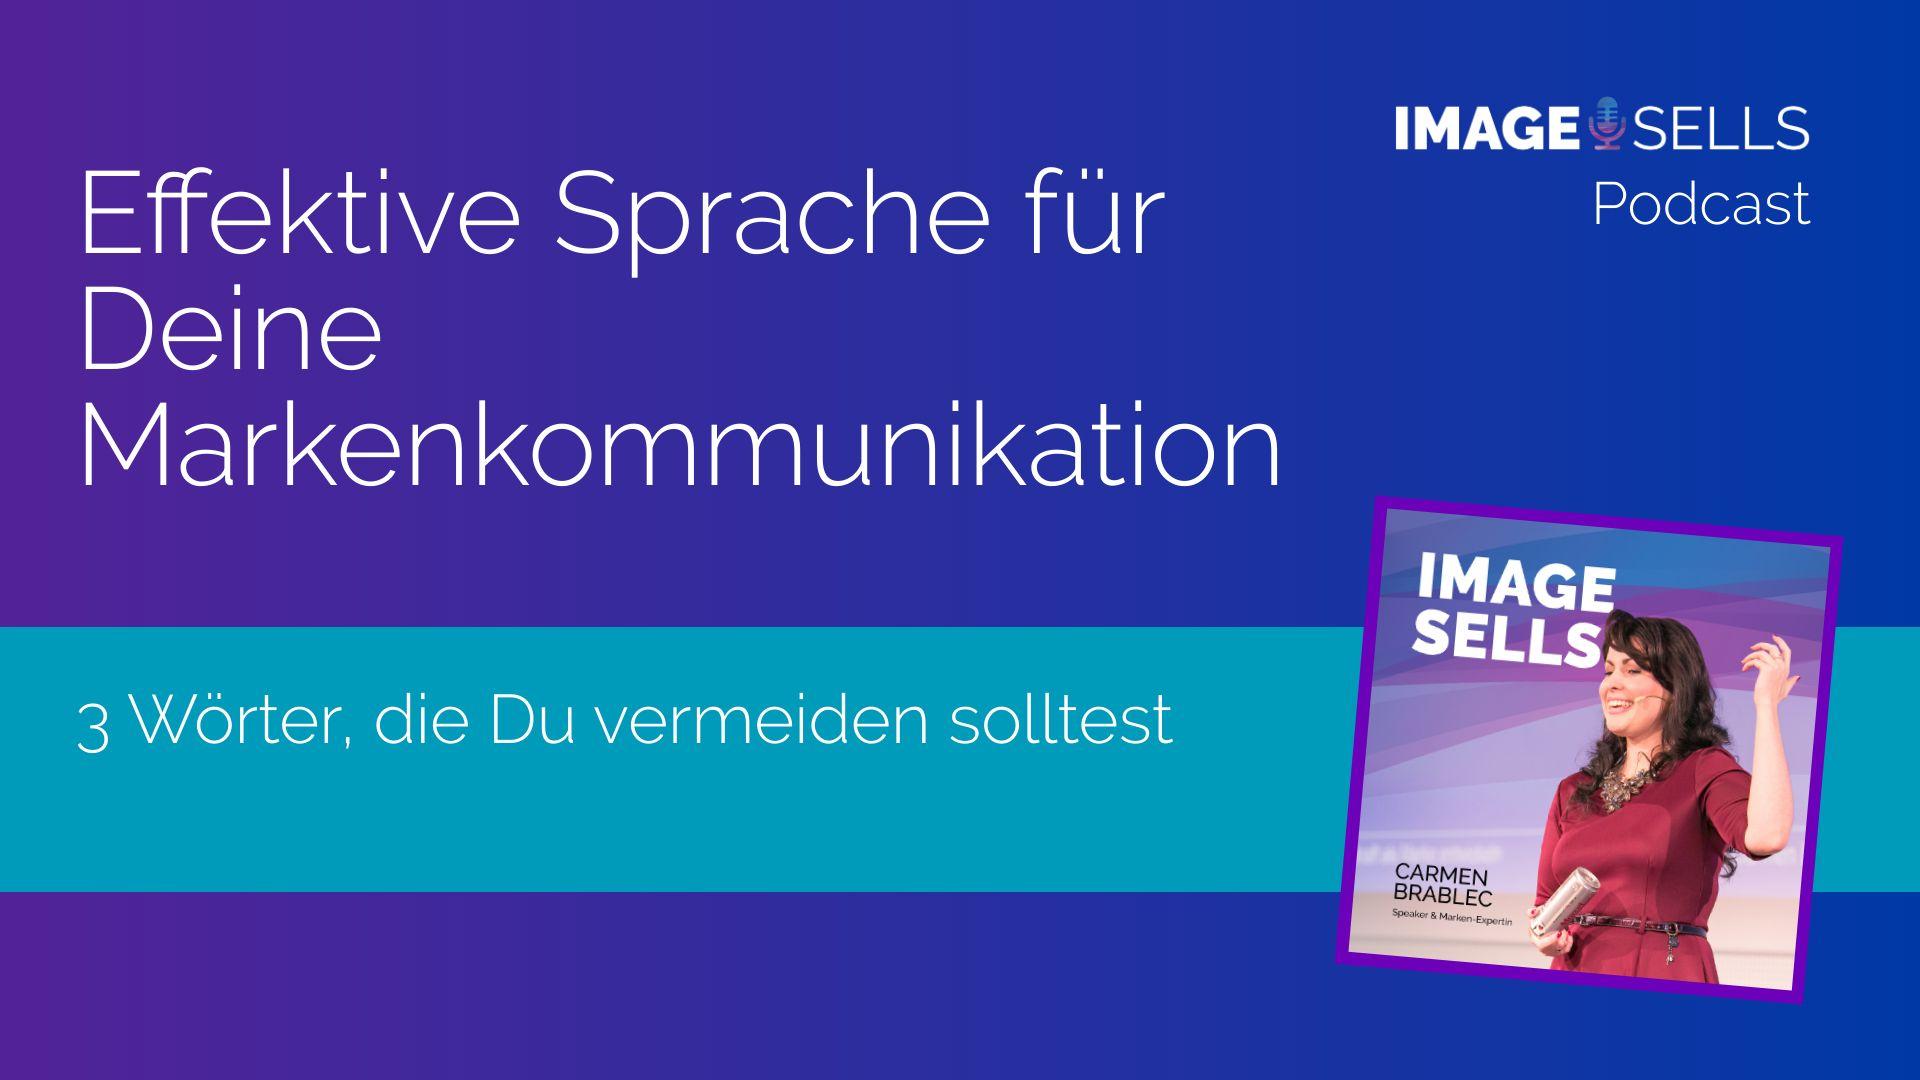 Effektive Sprache für Deine Markenkommunikation – ISP #029